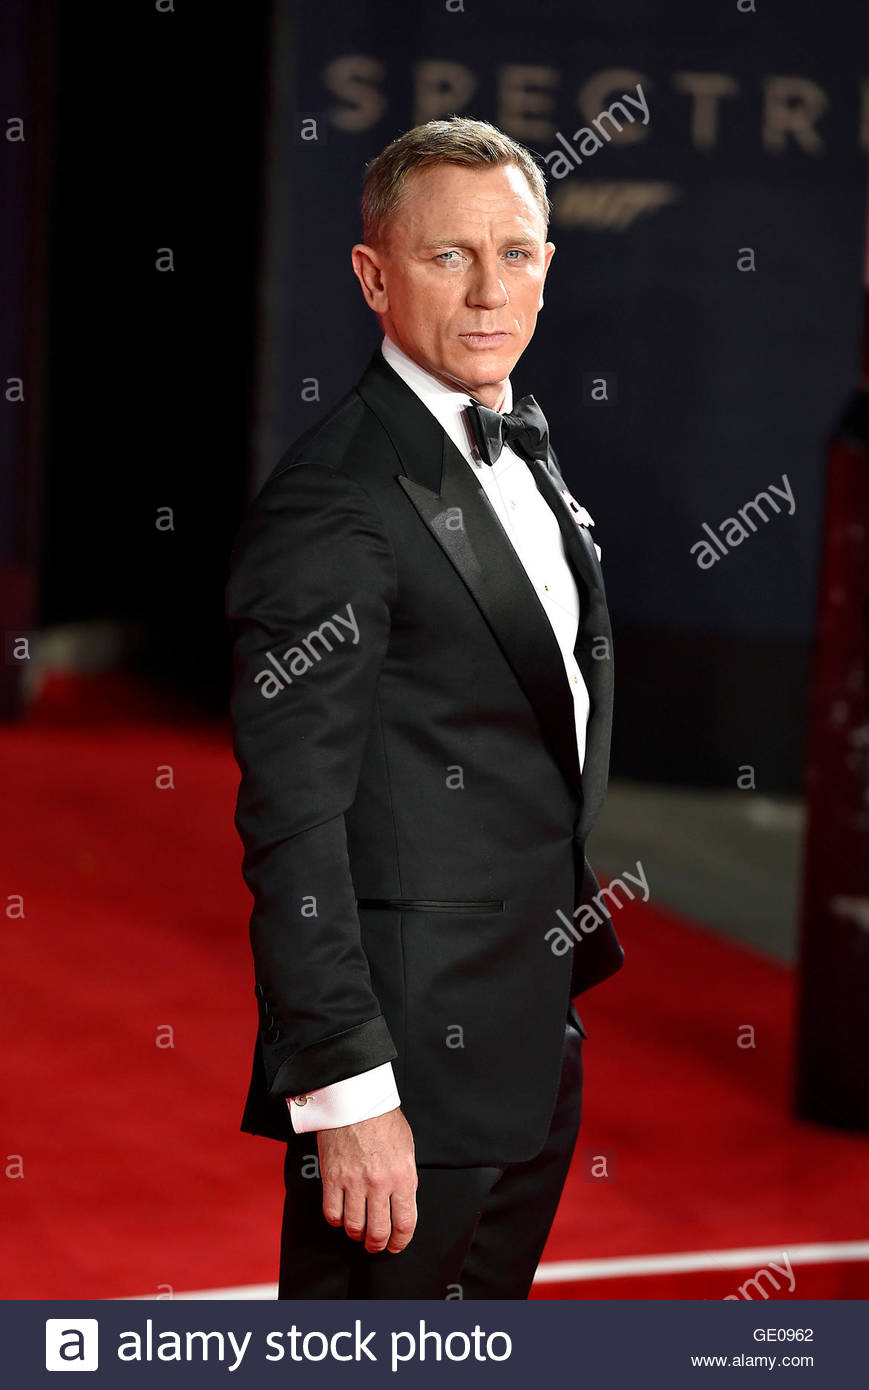 Foto Vom 261015 Von Daniel Craig Als Der Nächste James Bond Film